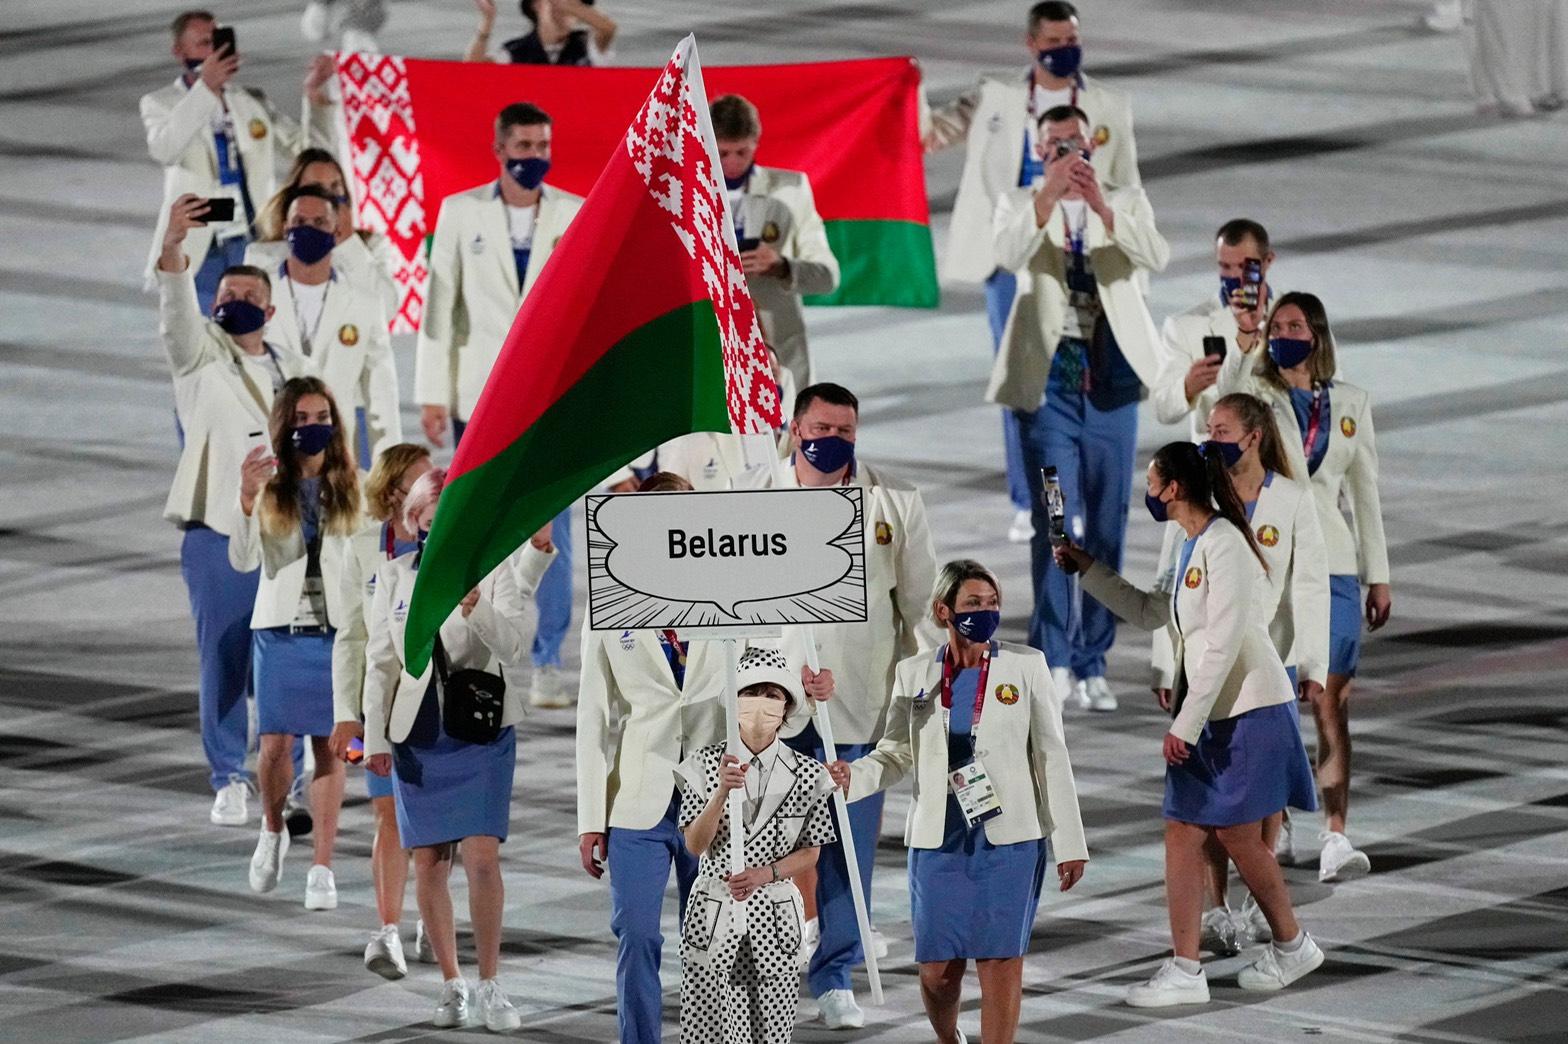 在日本东京举行的 2020 年夏季奥运会奥林匹克体育场开幕式上,白俄罗斯运动员正在步入会场。